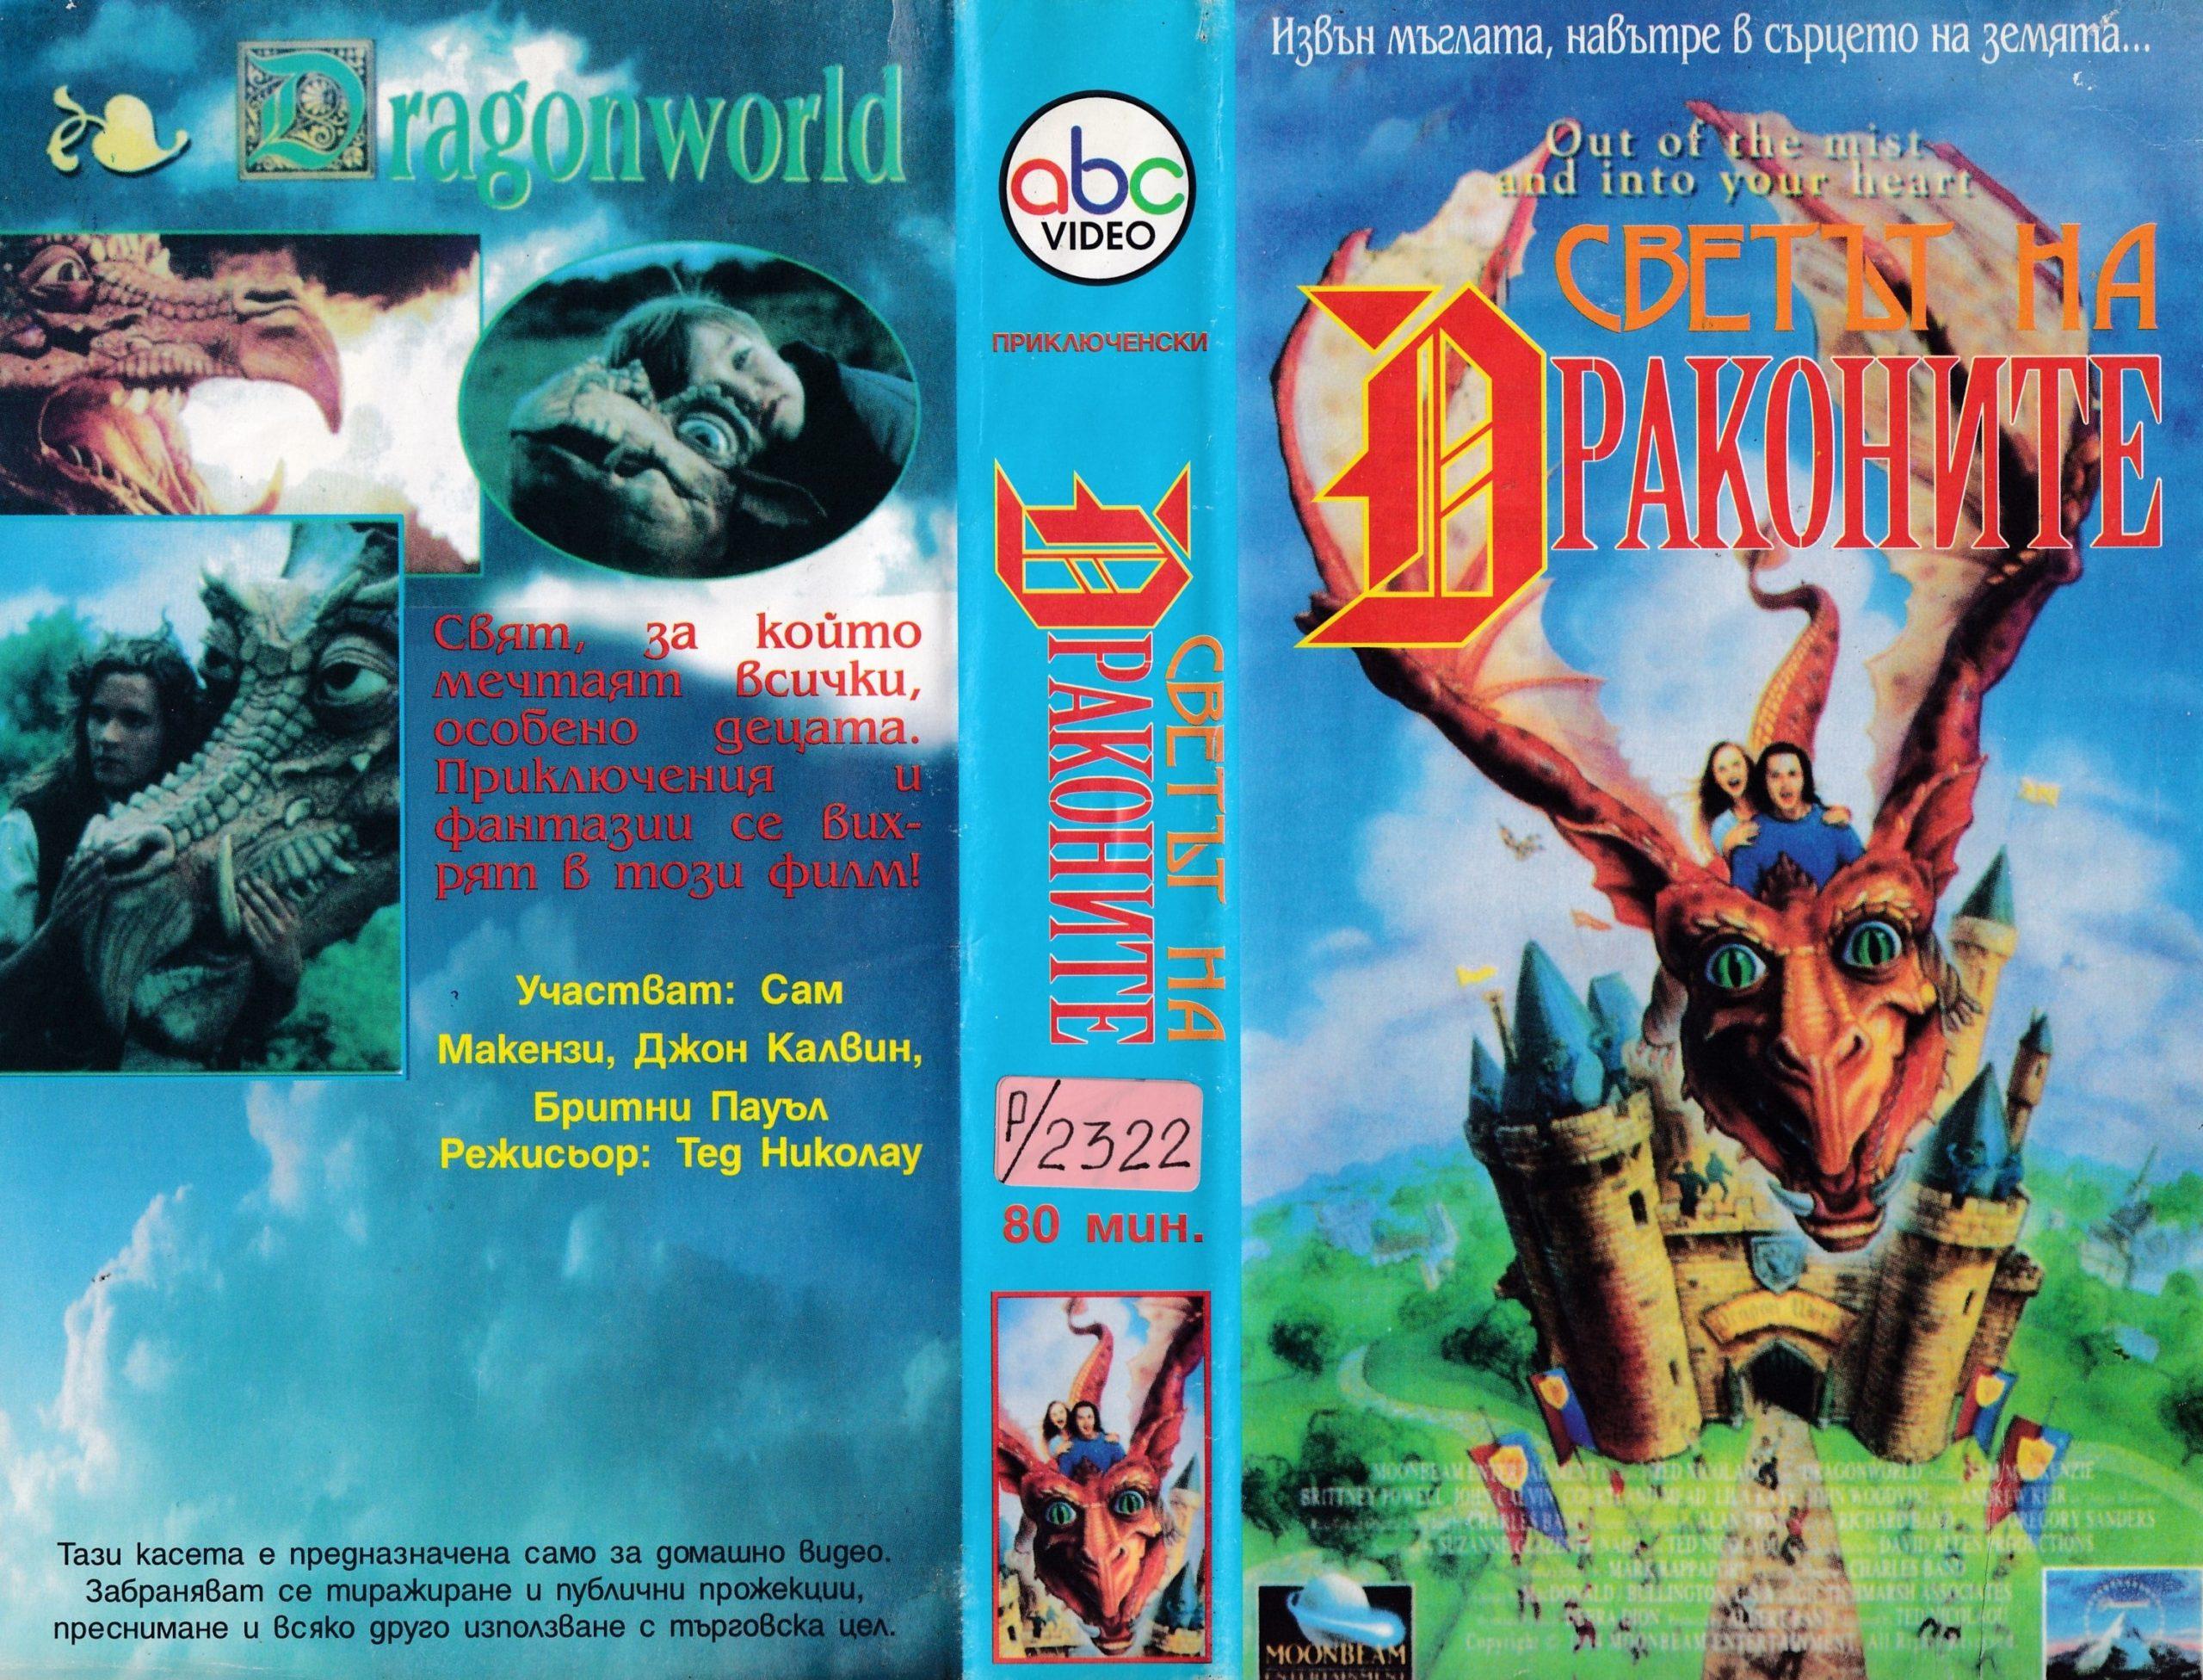 Светът на драконите